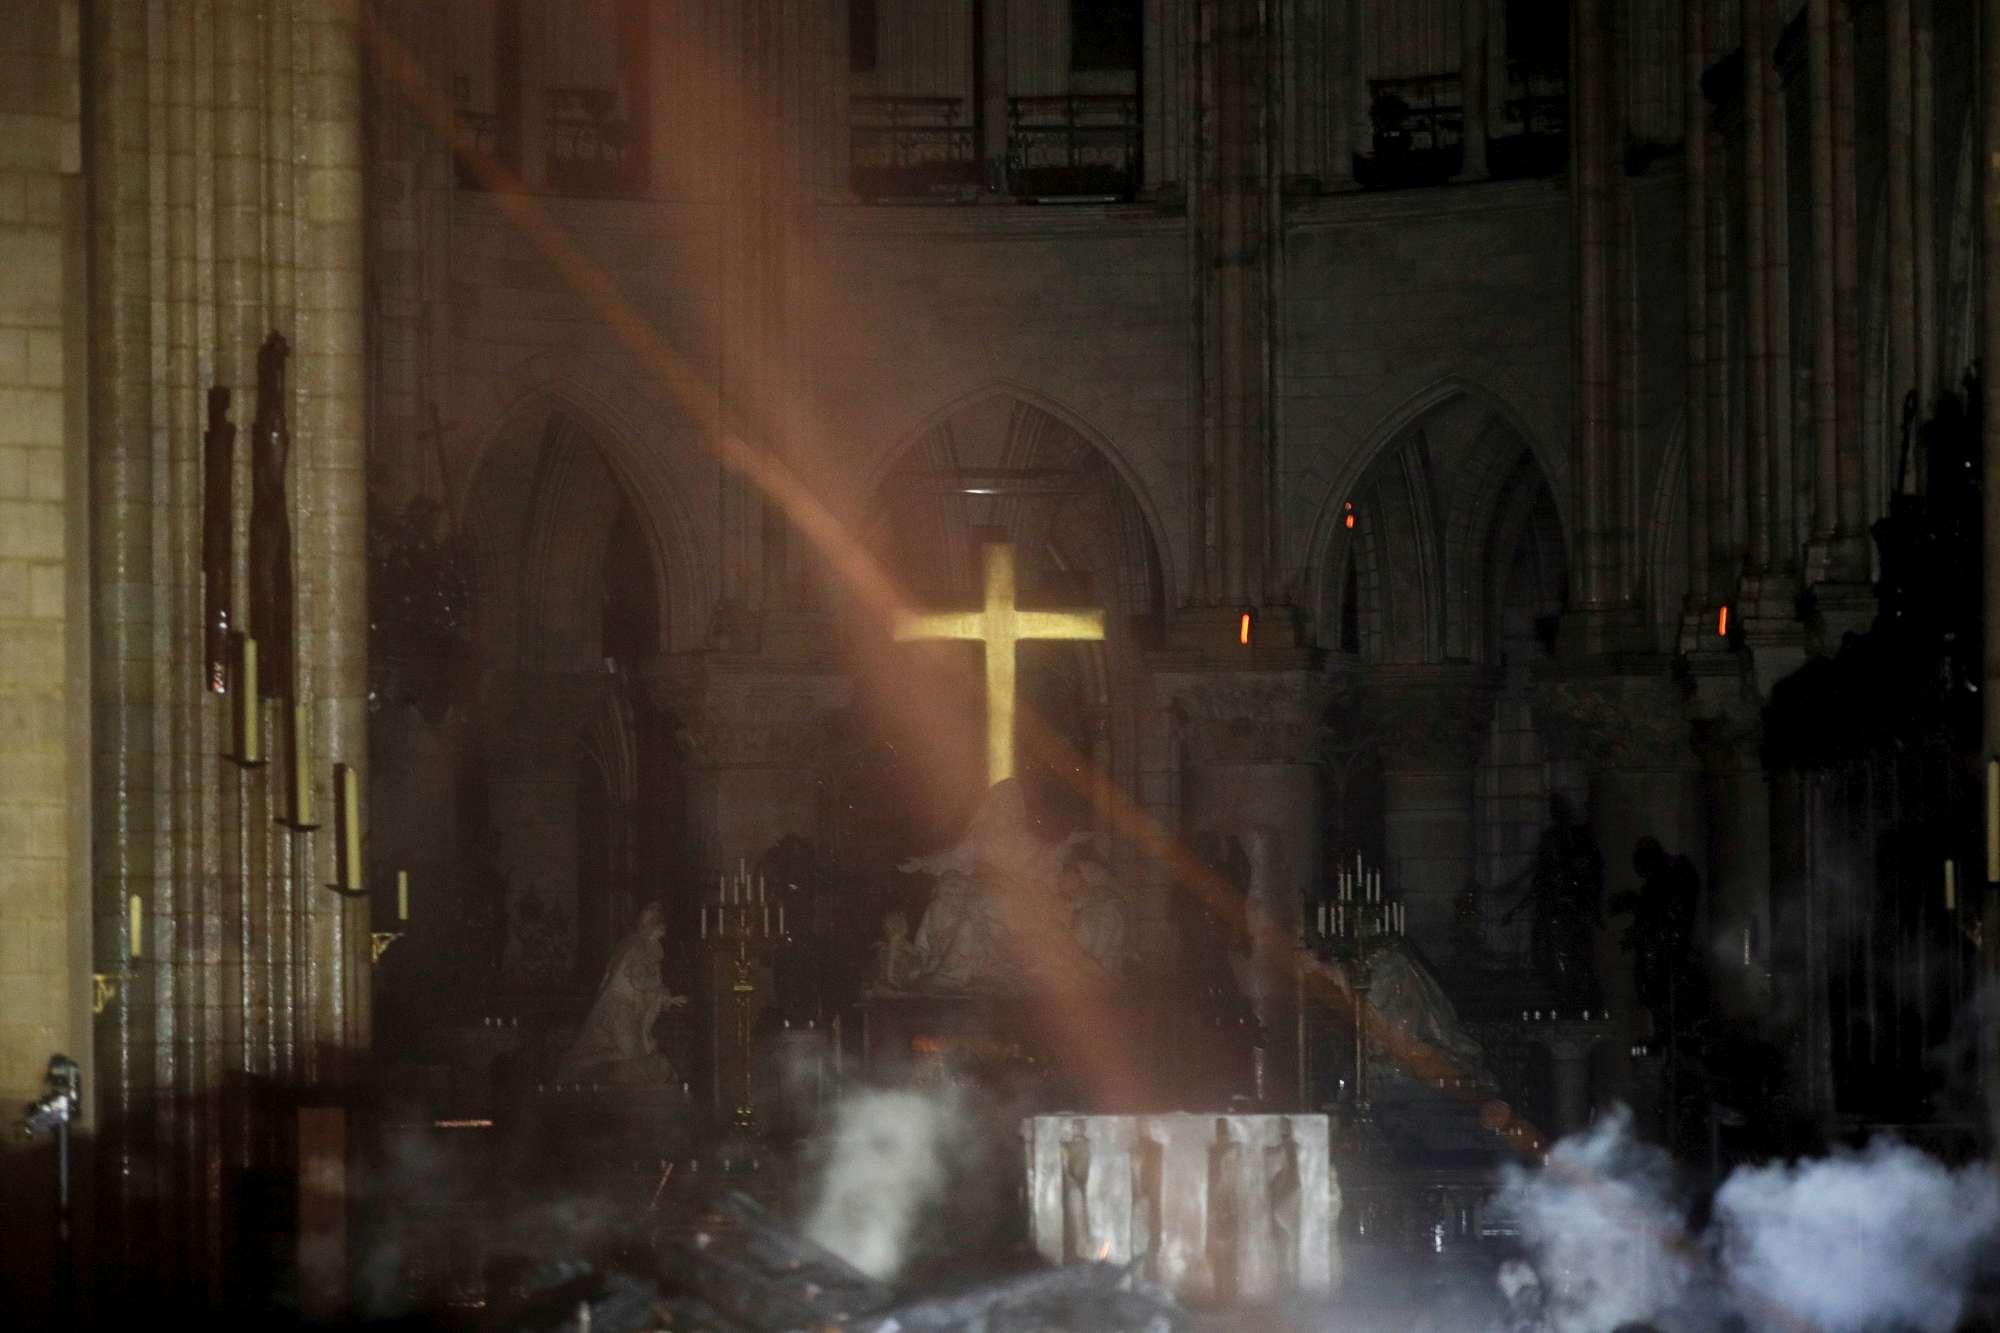 Notre-Dame, intatta la croce tra macerie e fumo